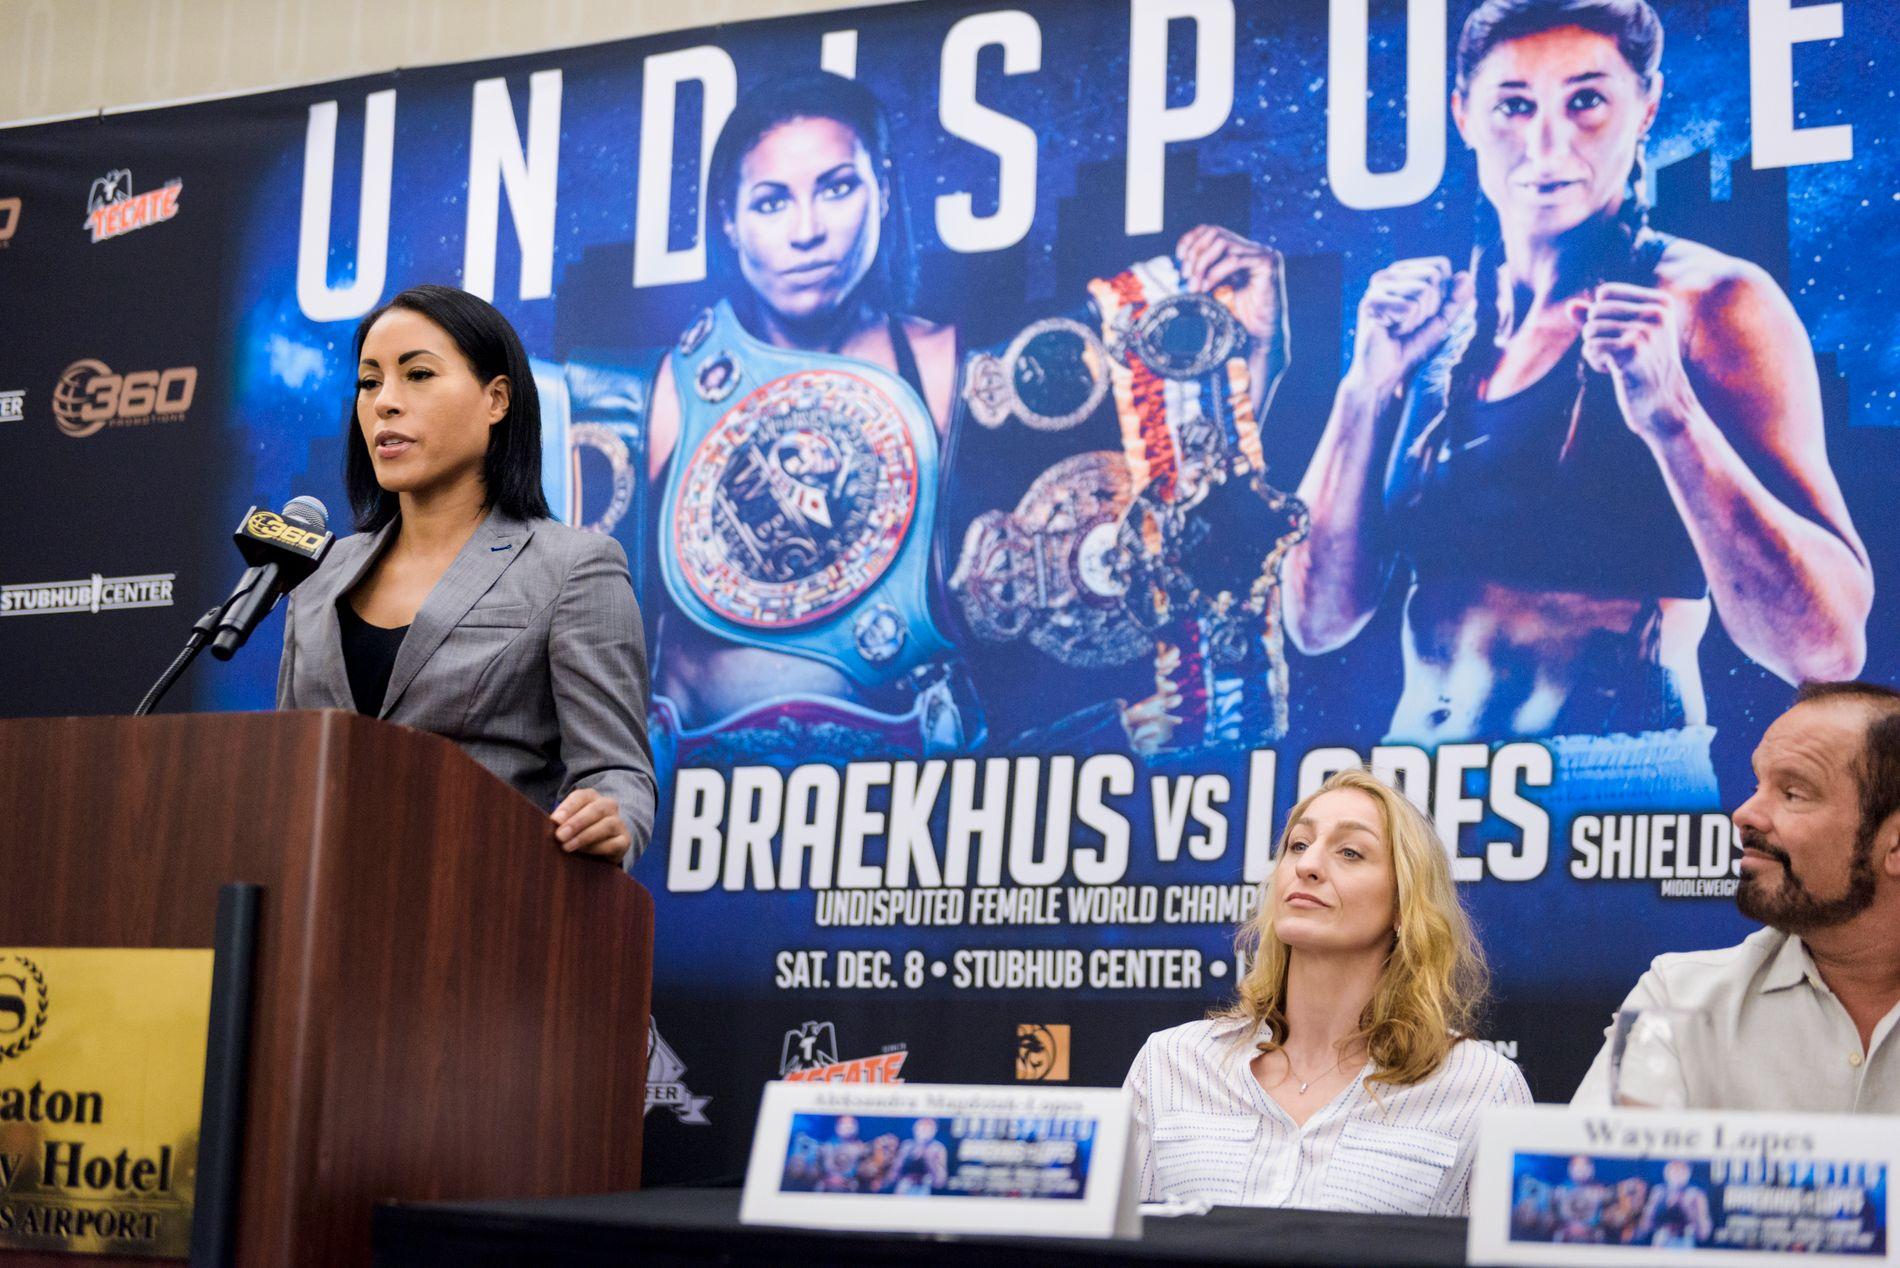 HOVEDPERSONEN: Cecilia Brækhus sier noen ord fra podiet på den siste pressekonferansen før helgens stevne i Los Angeles. Til høyre sitter motstander Aleksandra Magdziak Lopes.